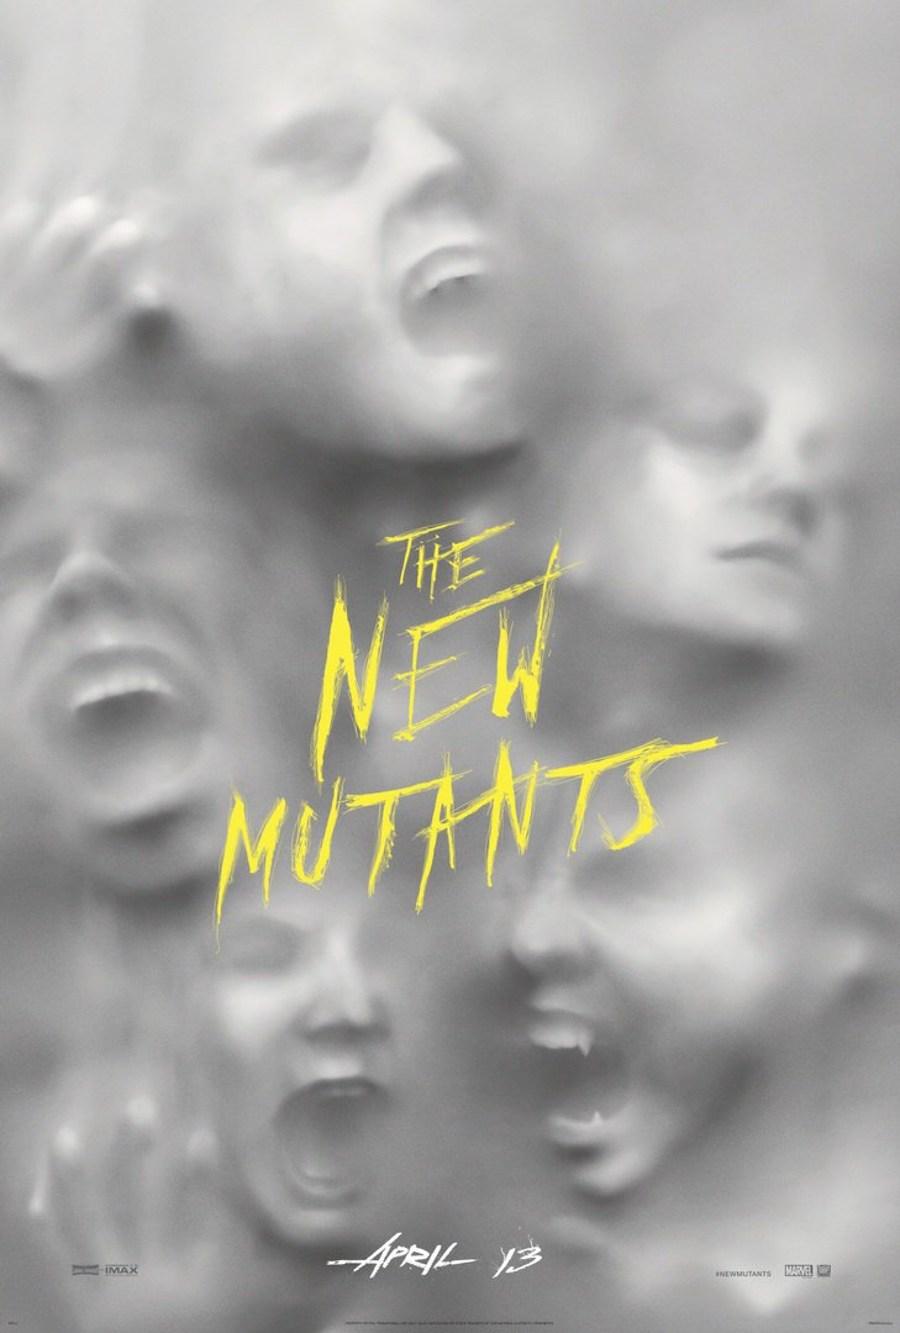 The New Mutants (film) poster 002.jpg